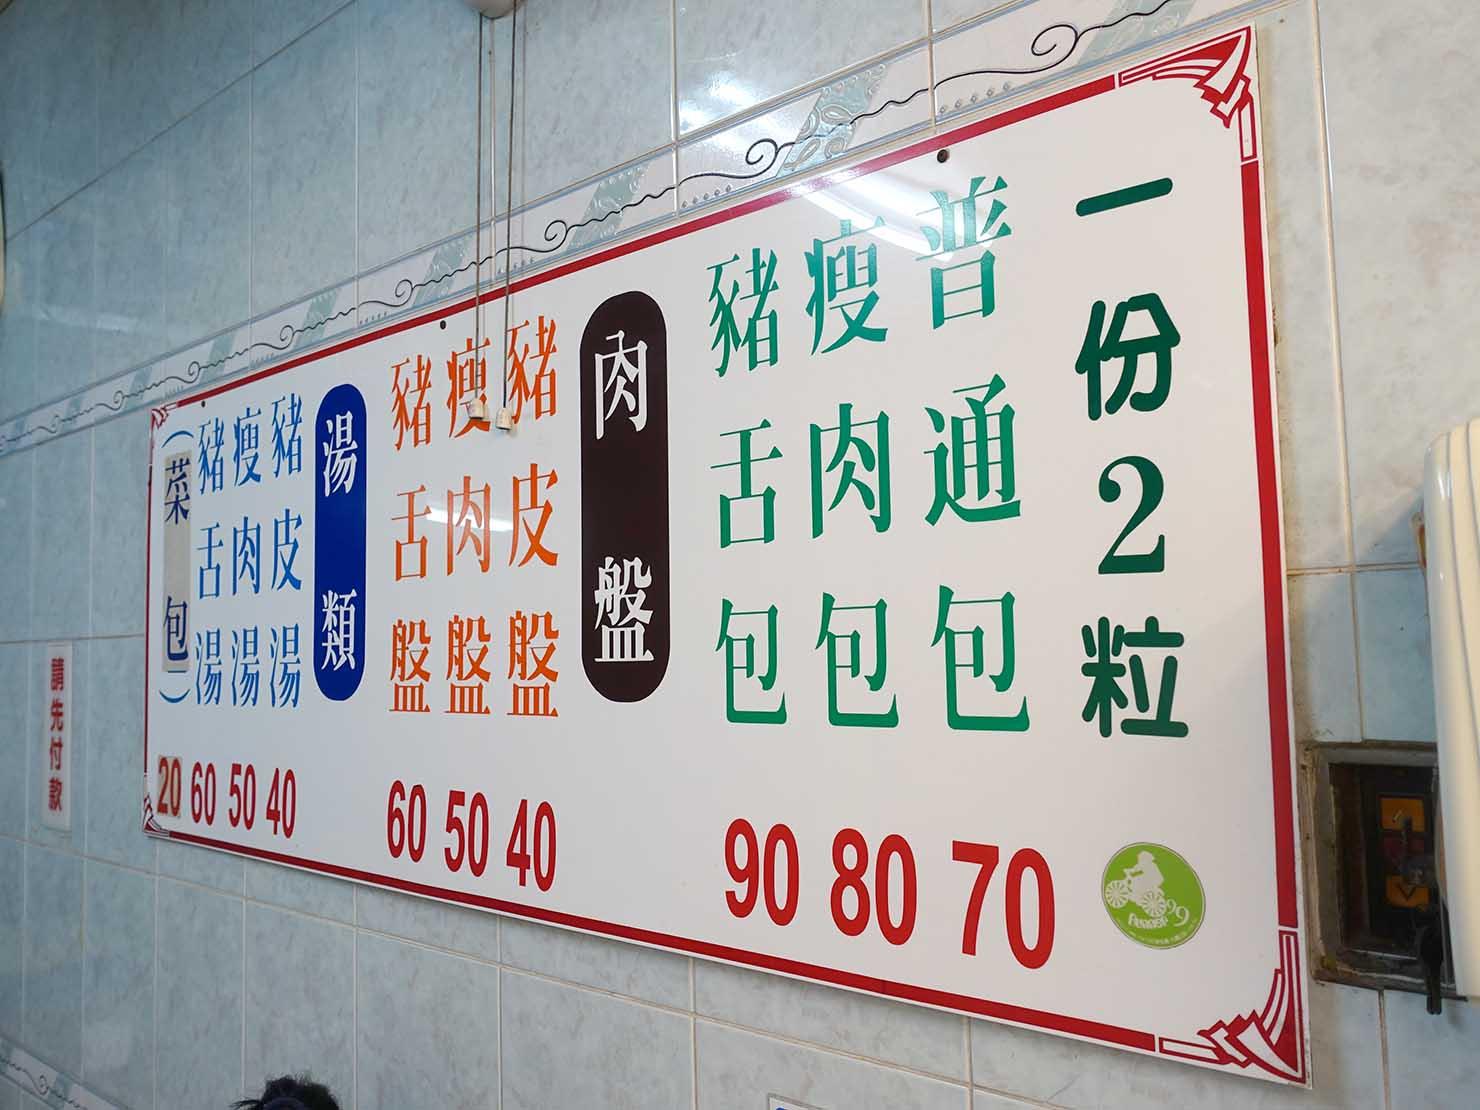 台南・永樂市場(國華街)のおすすめ台湾グルメ店「阿松割包」のメニュー